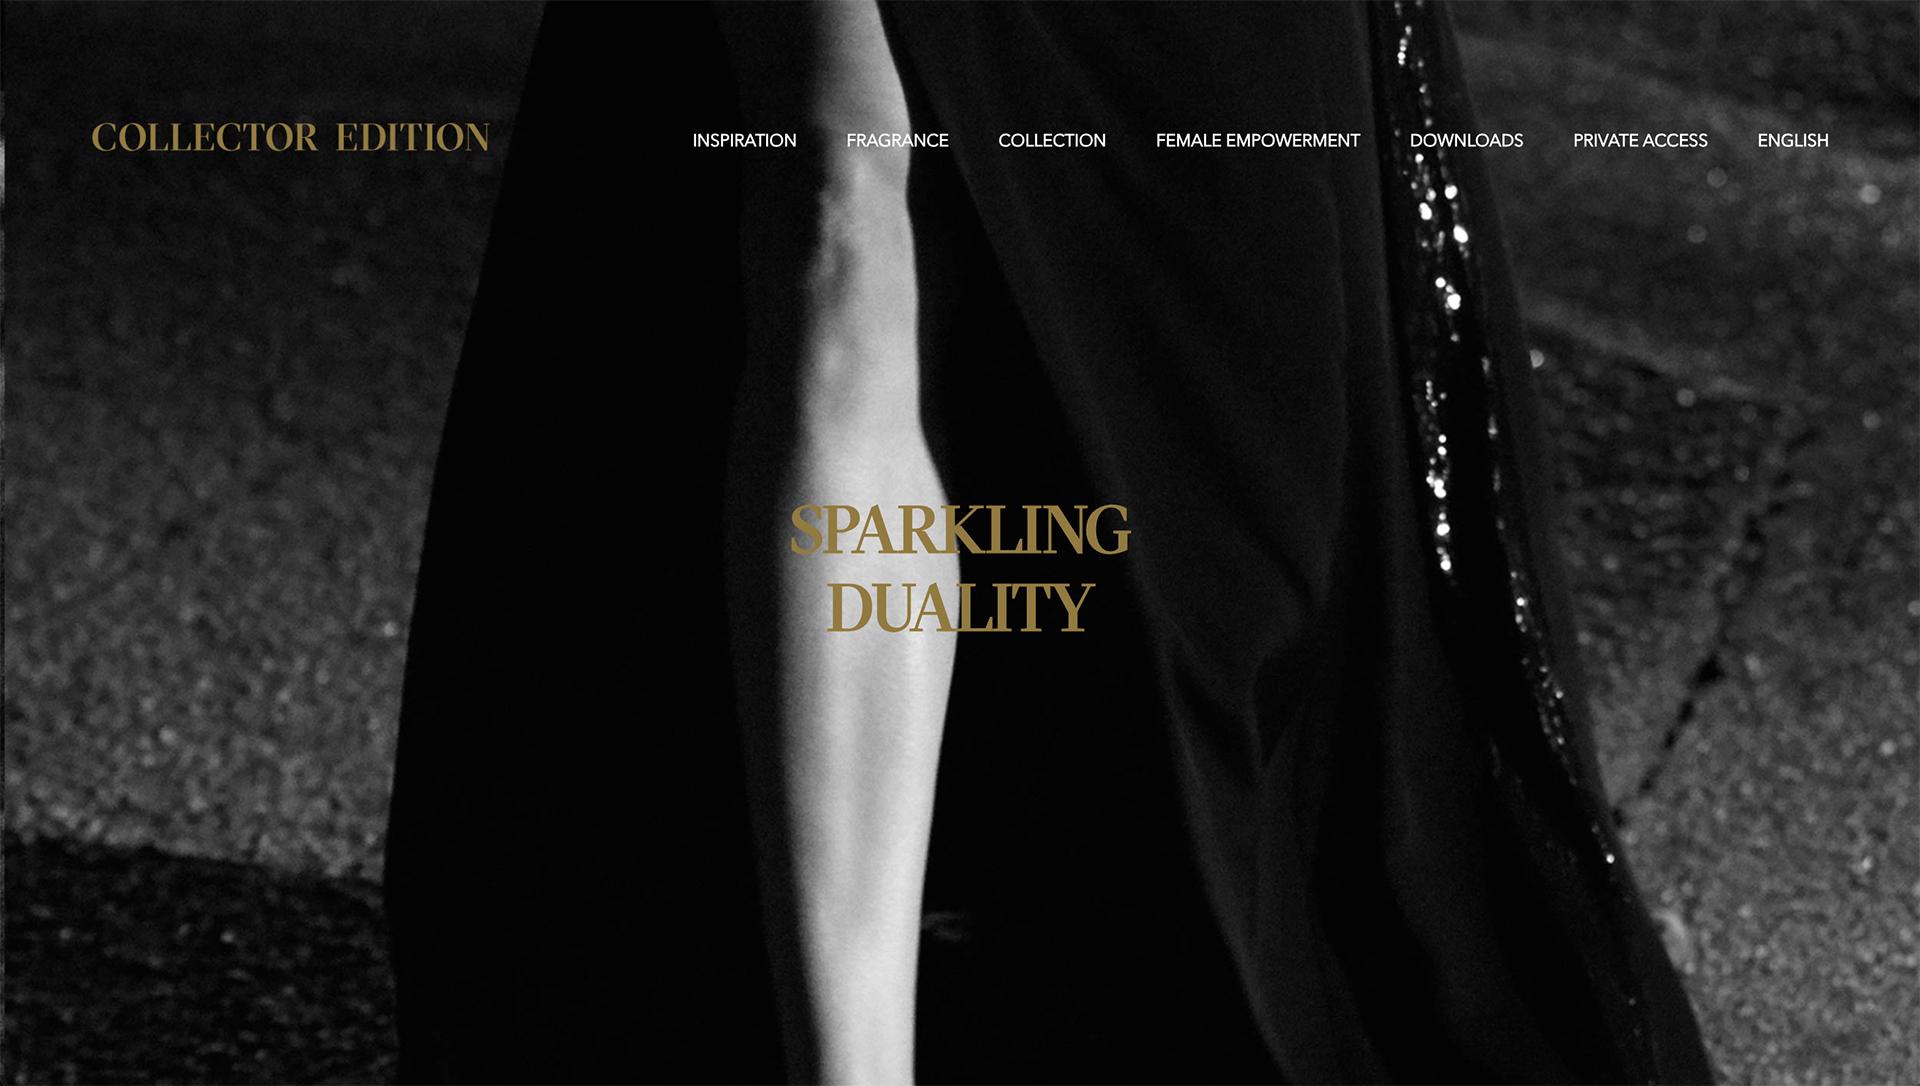 Press Site for Good Girl by Carolina Herrera